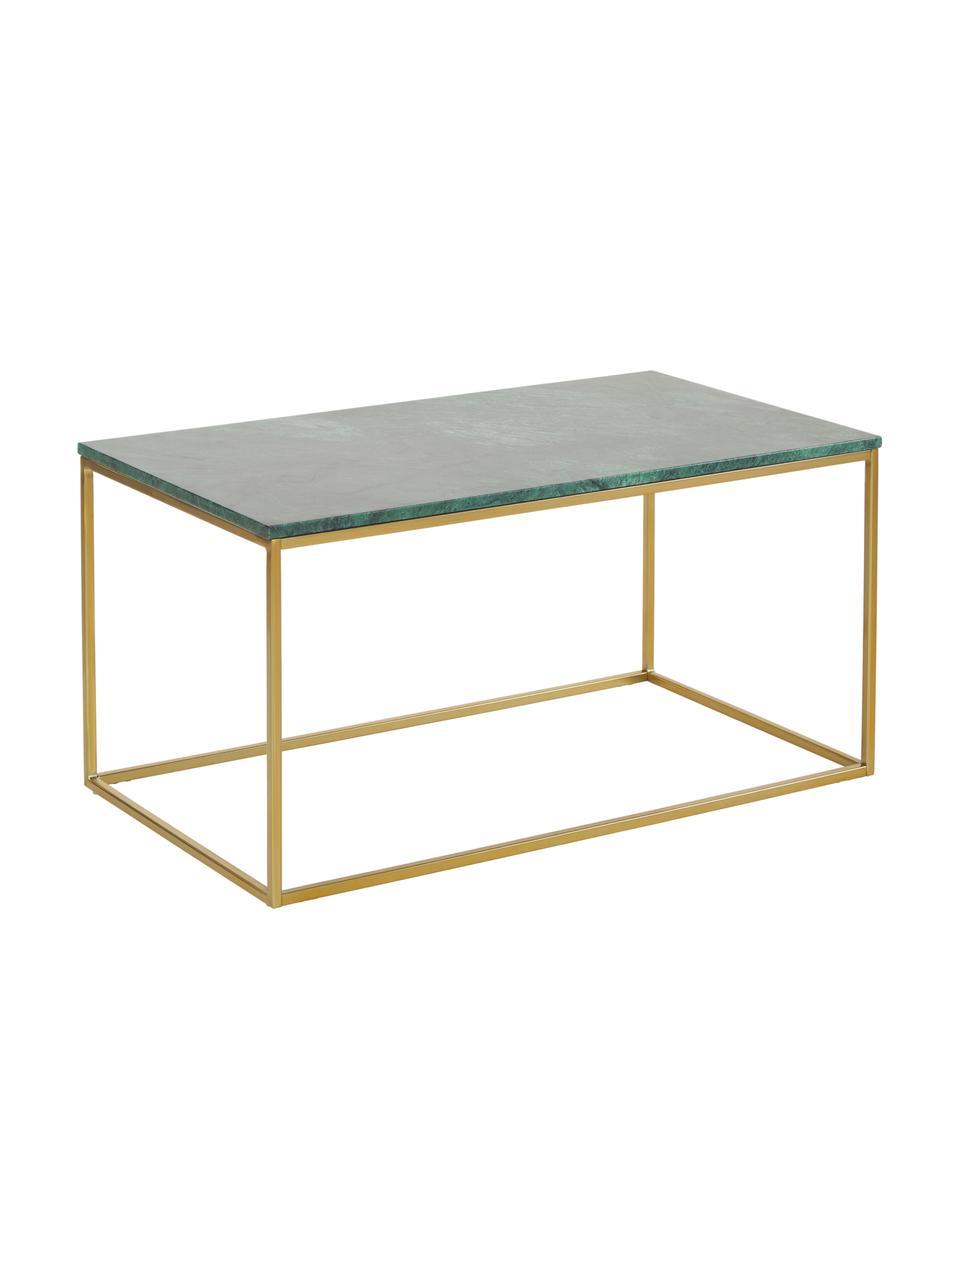 Marmor-Couchtisch Alys, Tischplatte: Marmor, Gestell: Metall, pulverbeschichtet, Grüner Marmor, Goldfarben, 80 x 40 cm